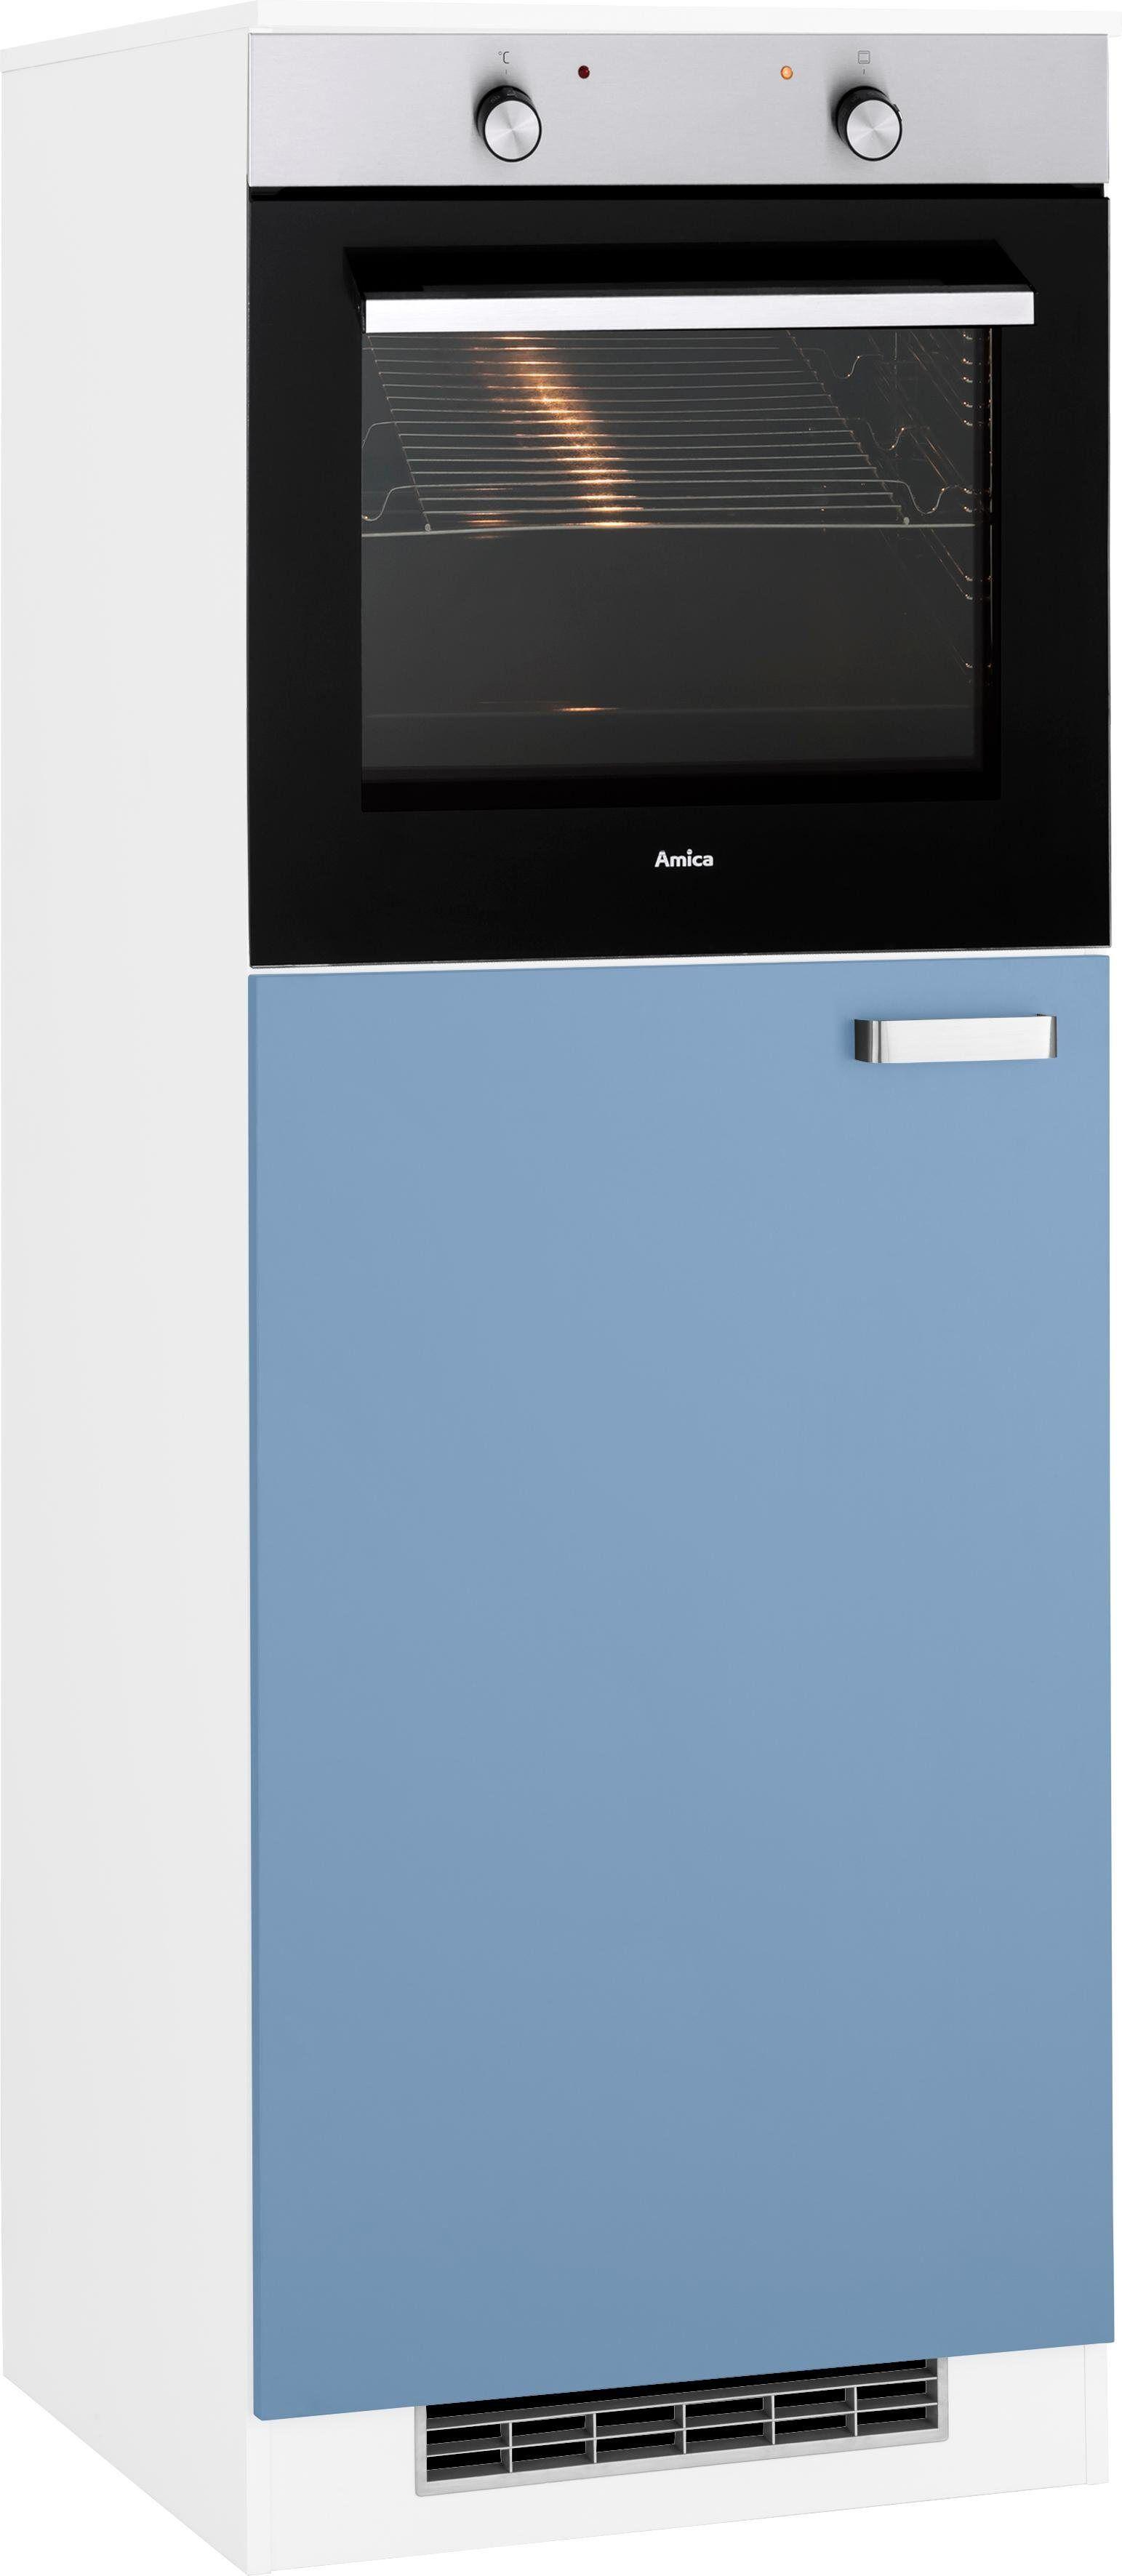 wiho Küchen Backofen/Kühlumbauschrank »Husum« 60 cm breit, himmelblau/weiß